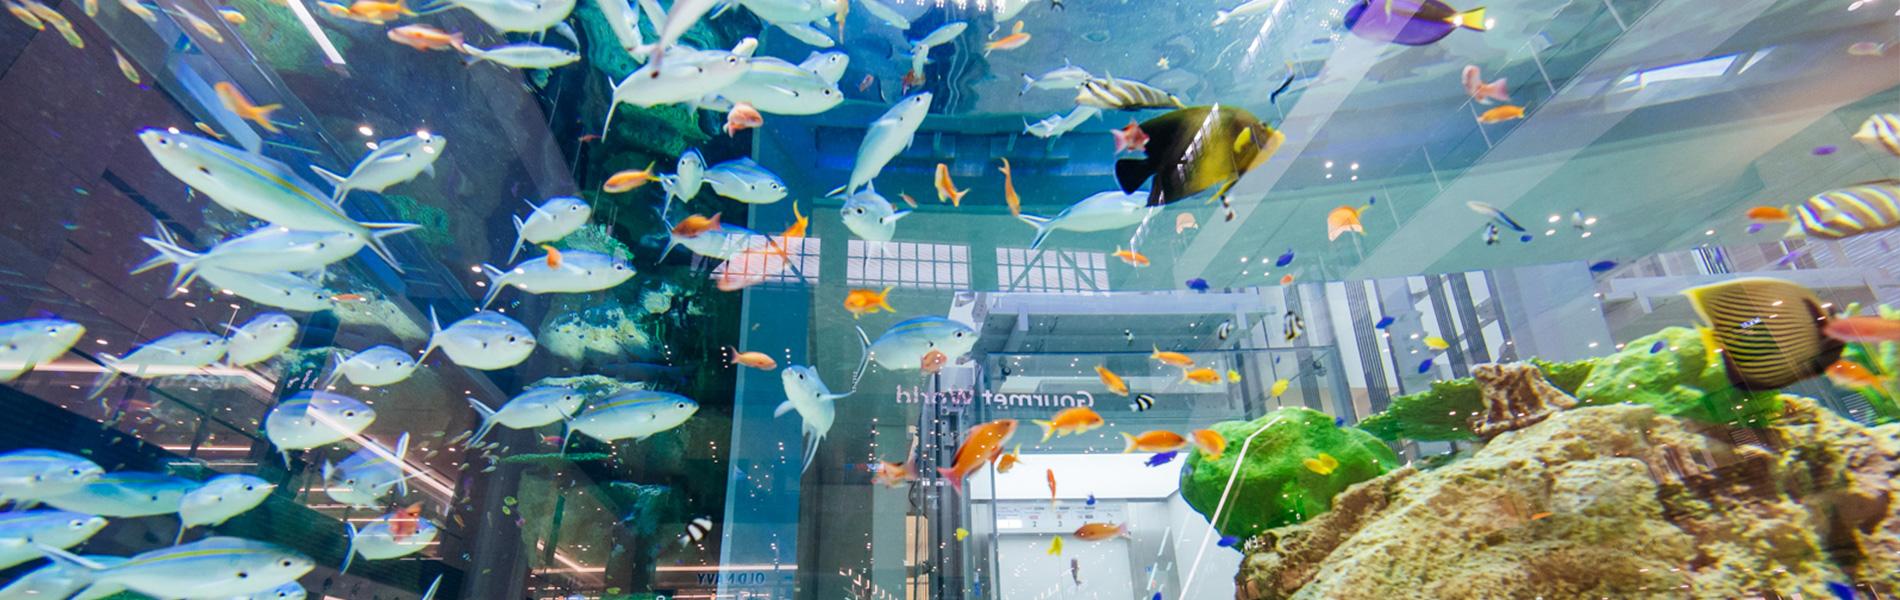 マンタやサメの飼育観察体験ツアー 沖縄美ら海水族館の調査研究施設で飼育生物を観察しよう!